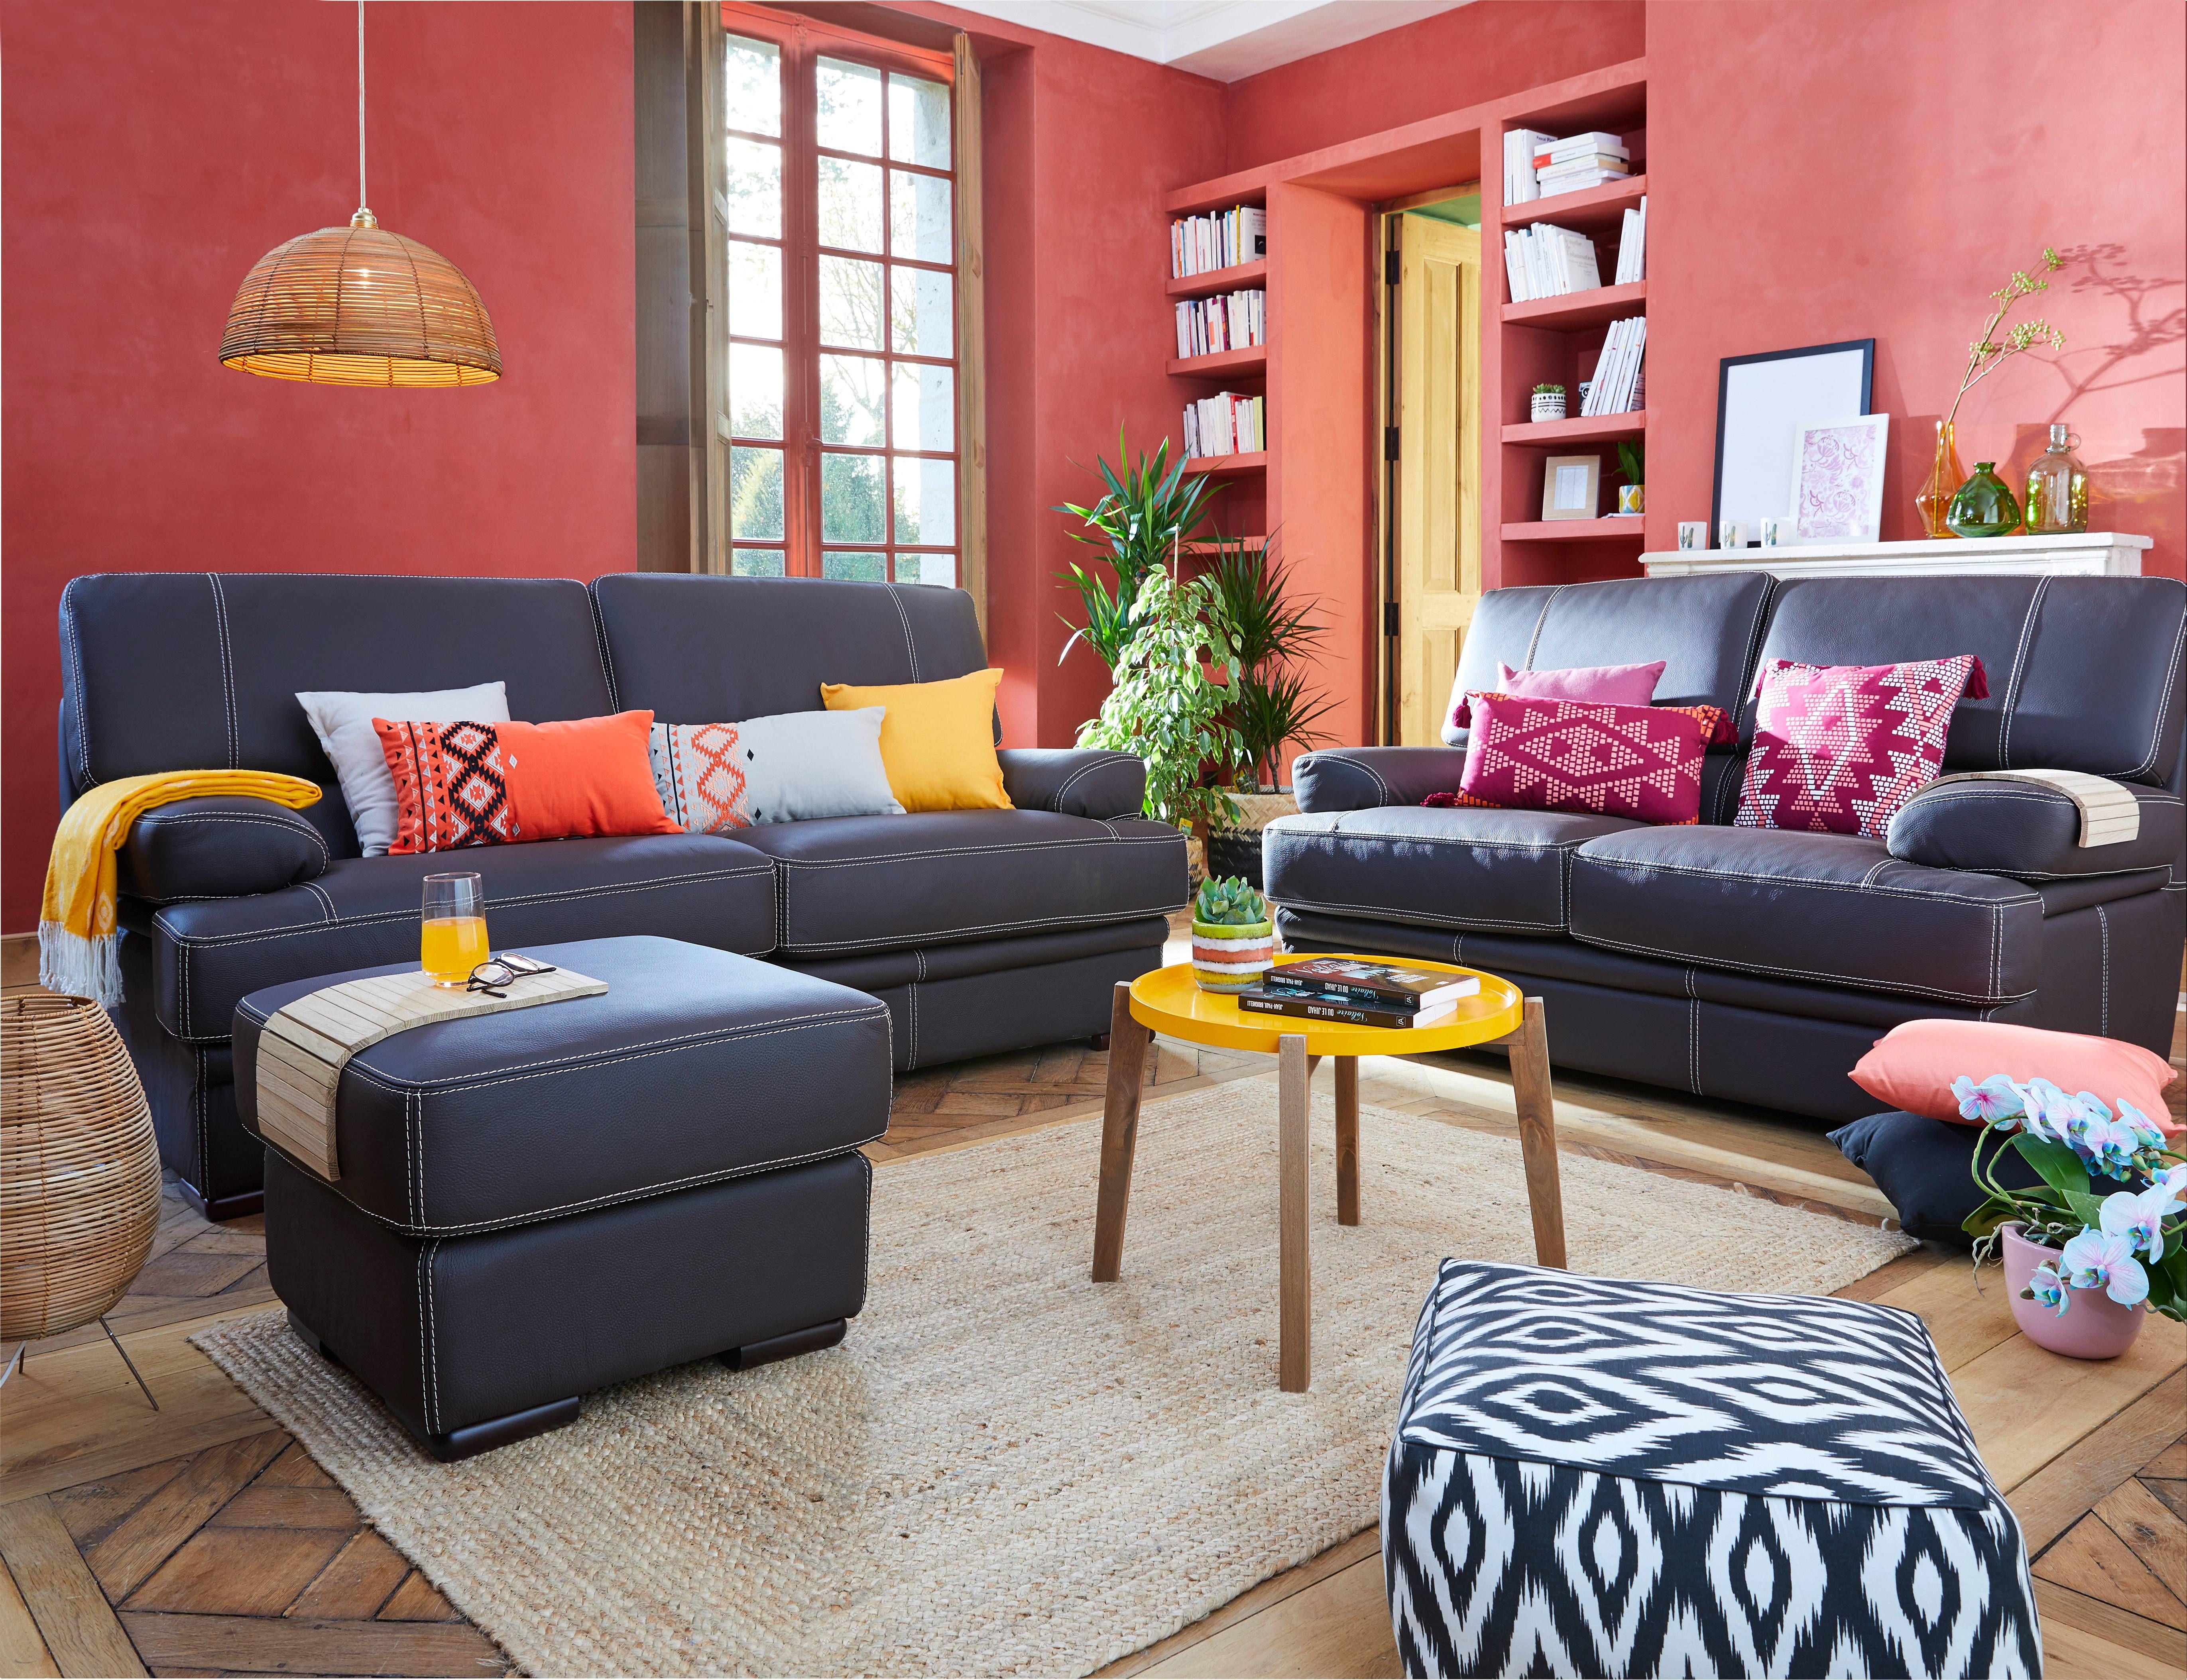 Canapé Multi Couleur avec salon ethnique - ensemble canapé en tissu bleu marine, coussin multi